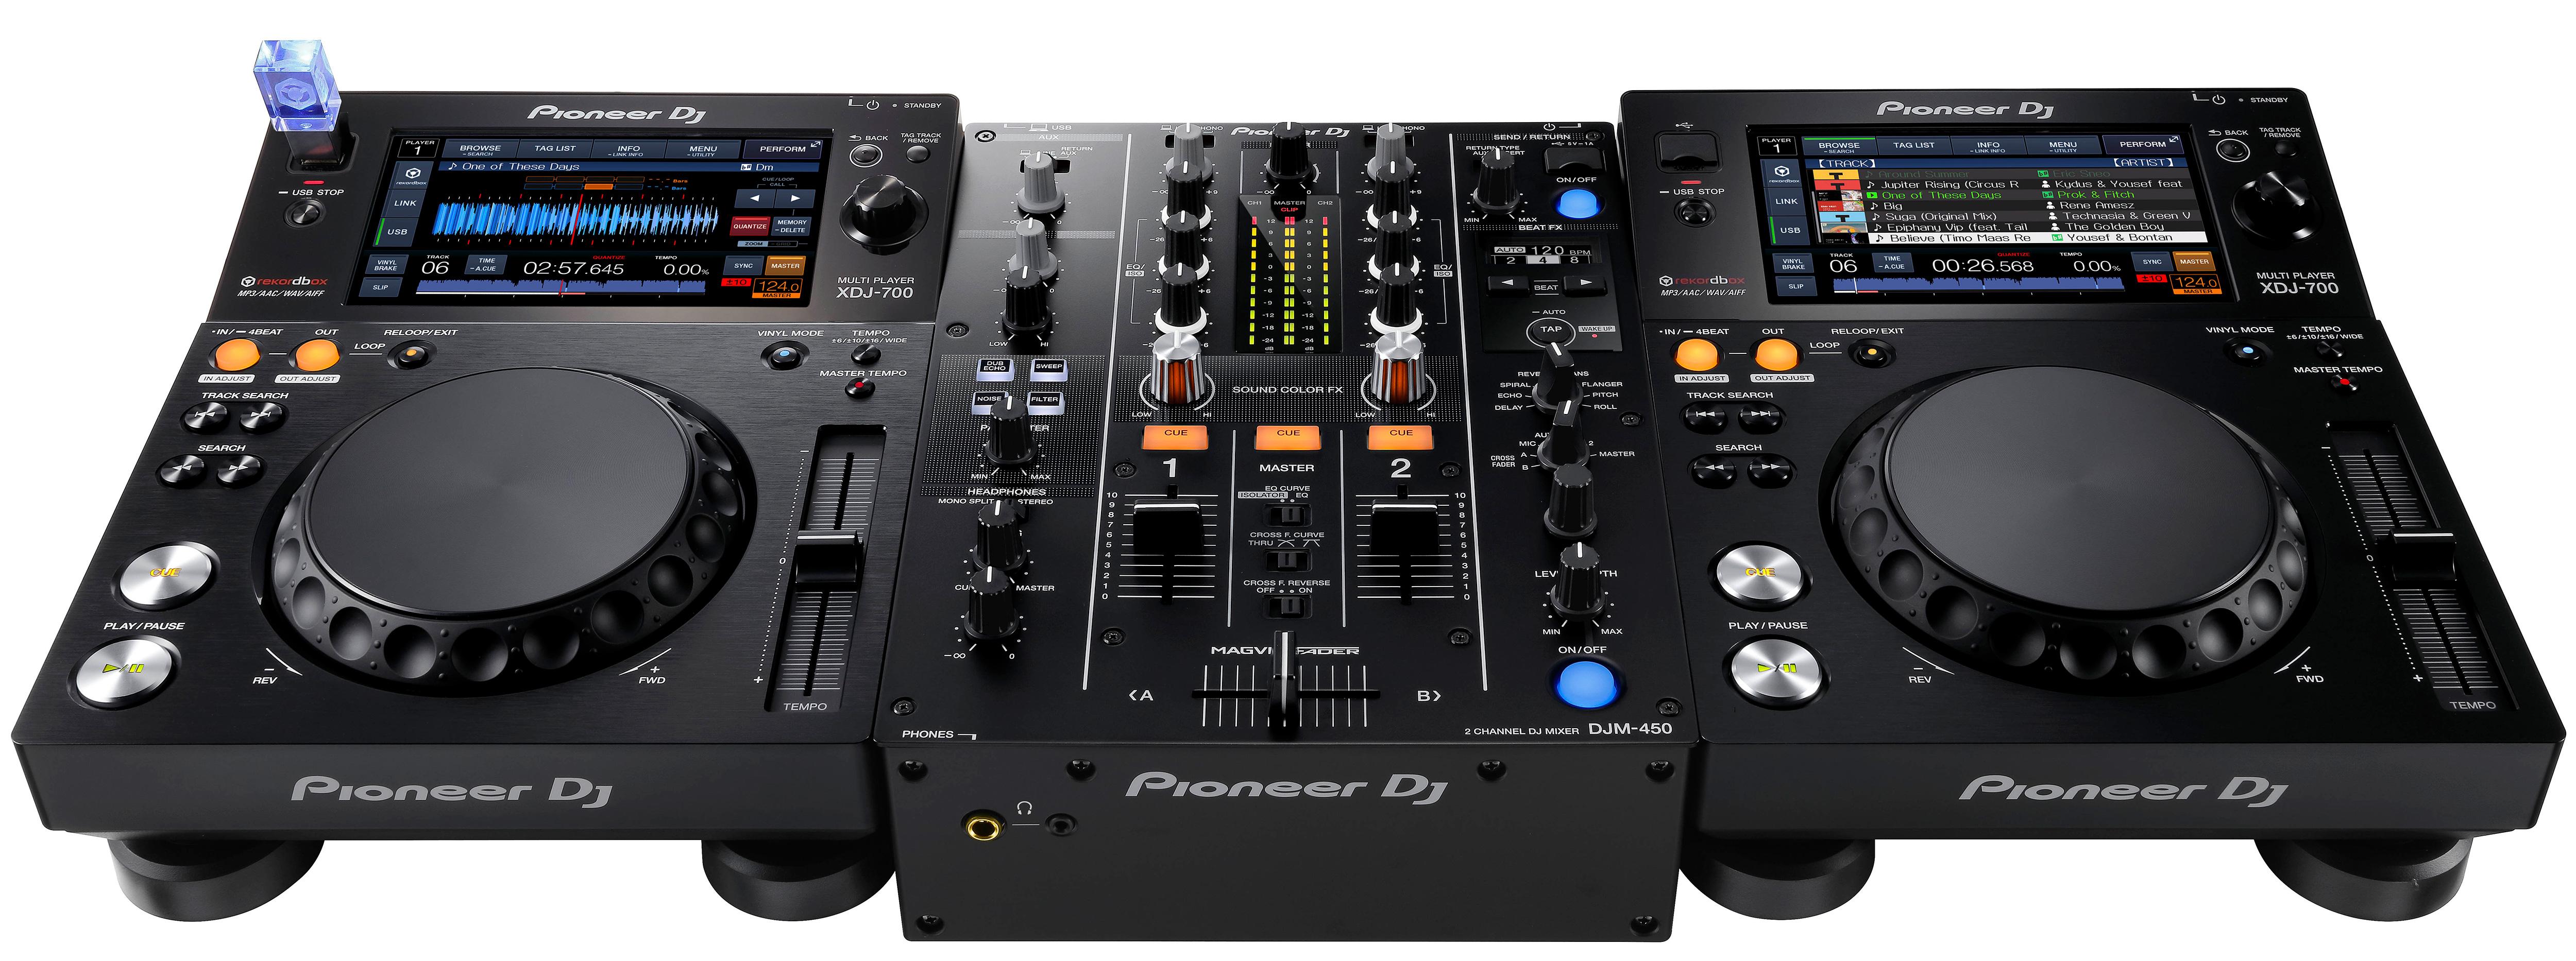 Rutina Alex Moreno con los nuevos Pioneer XDJ-1000MK2 y el mixer Pioneer DJM-450